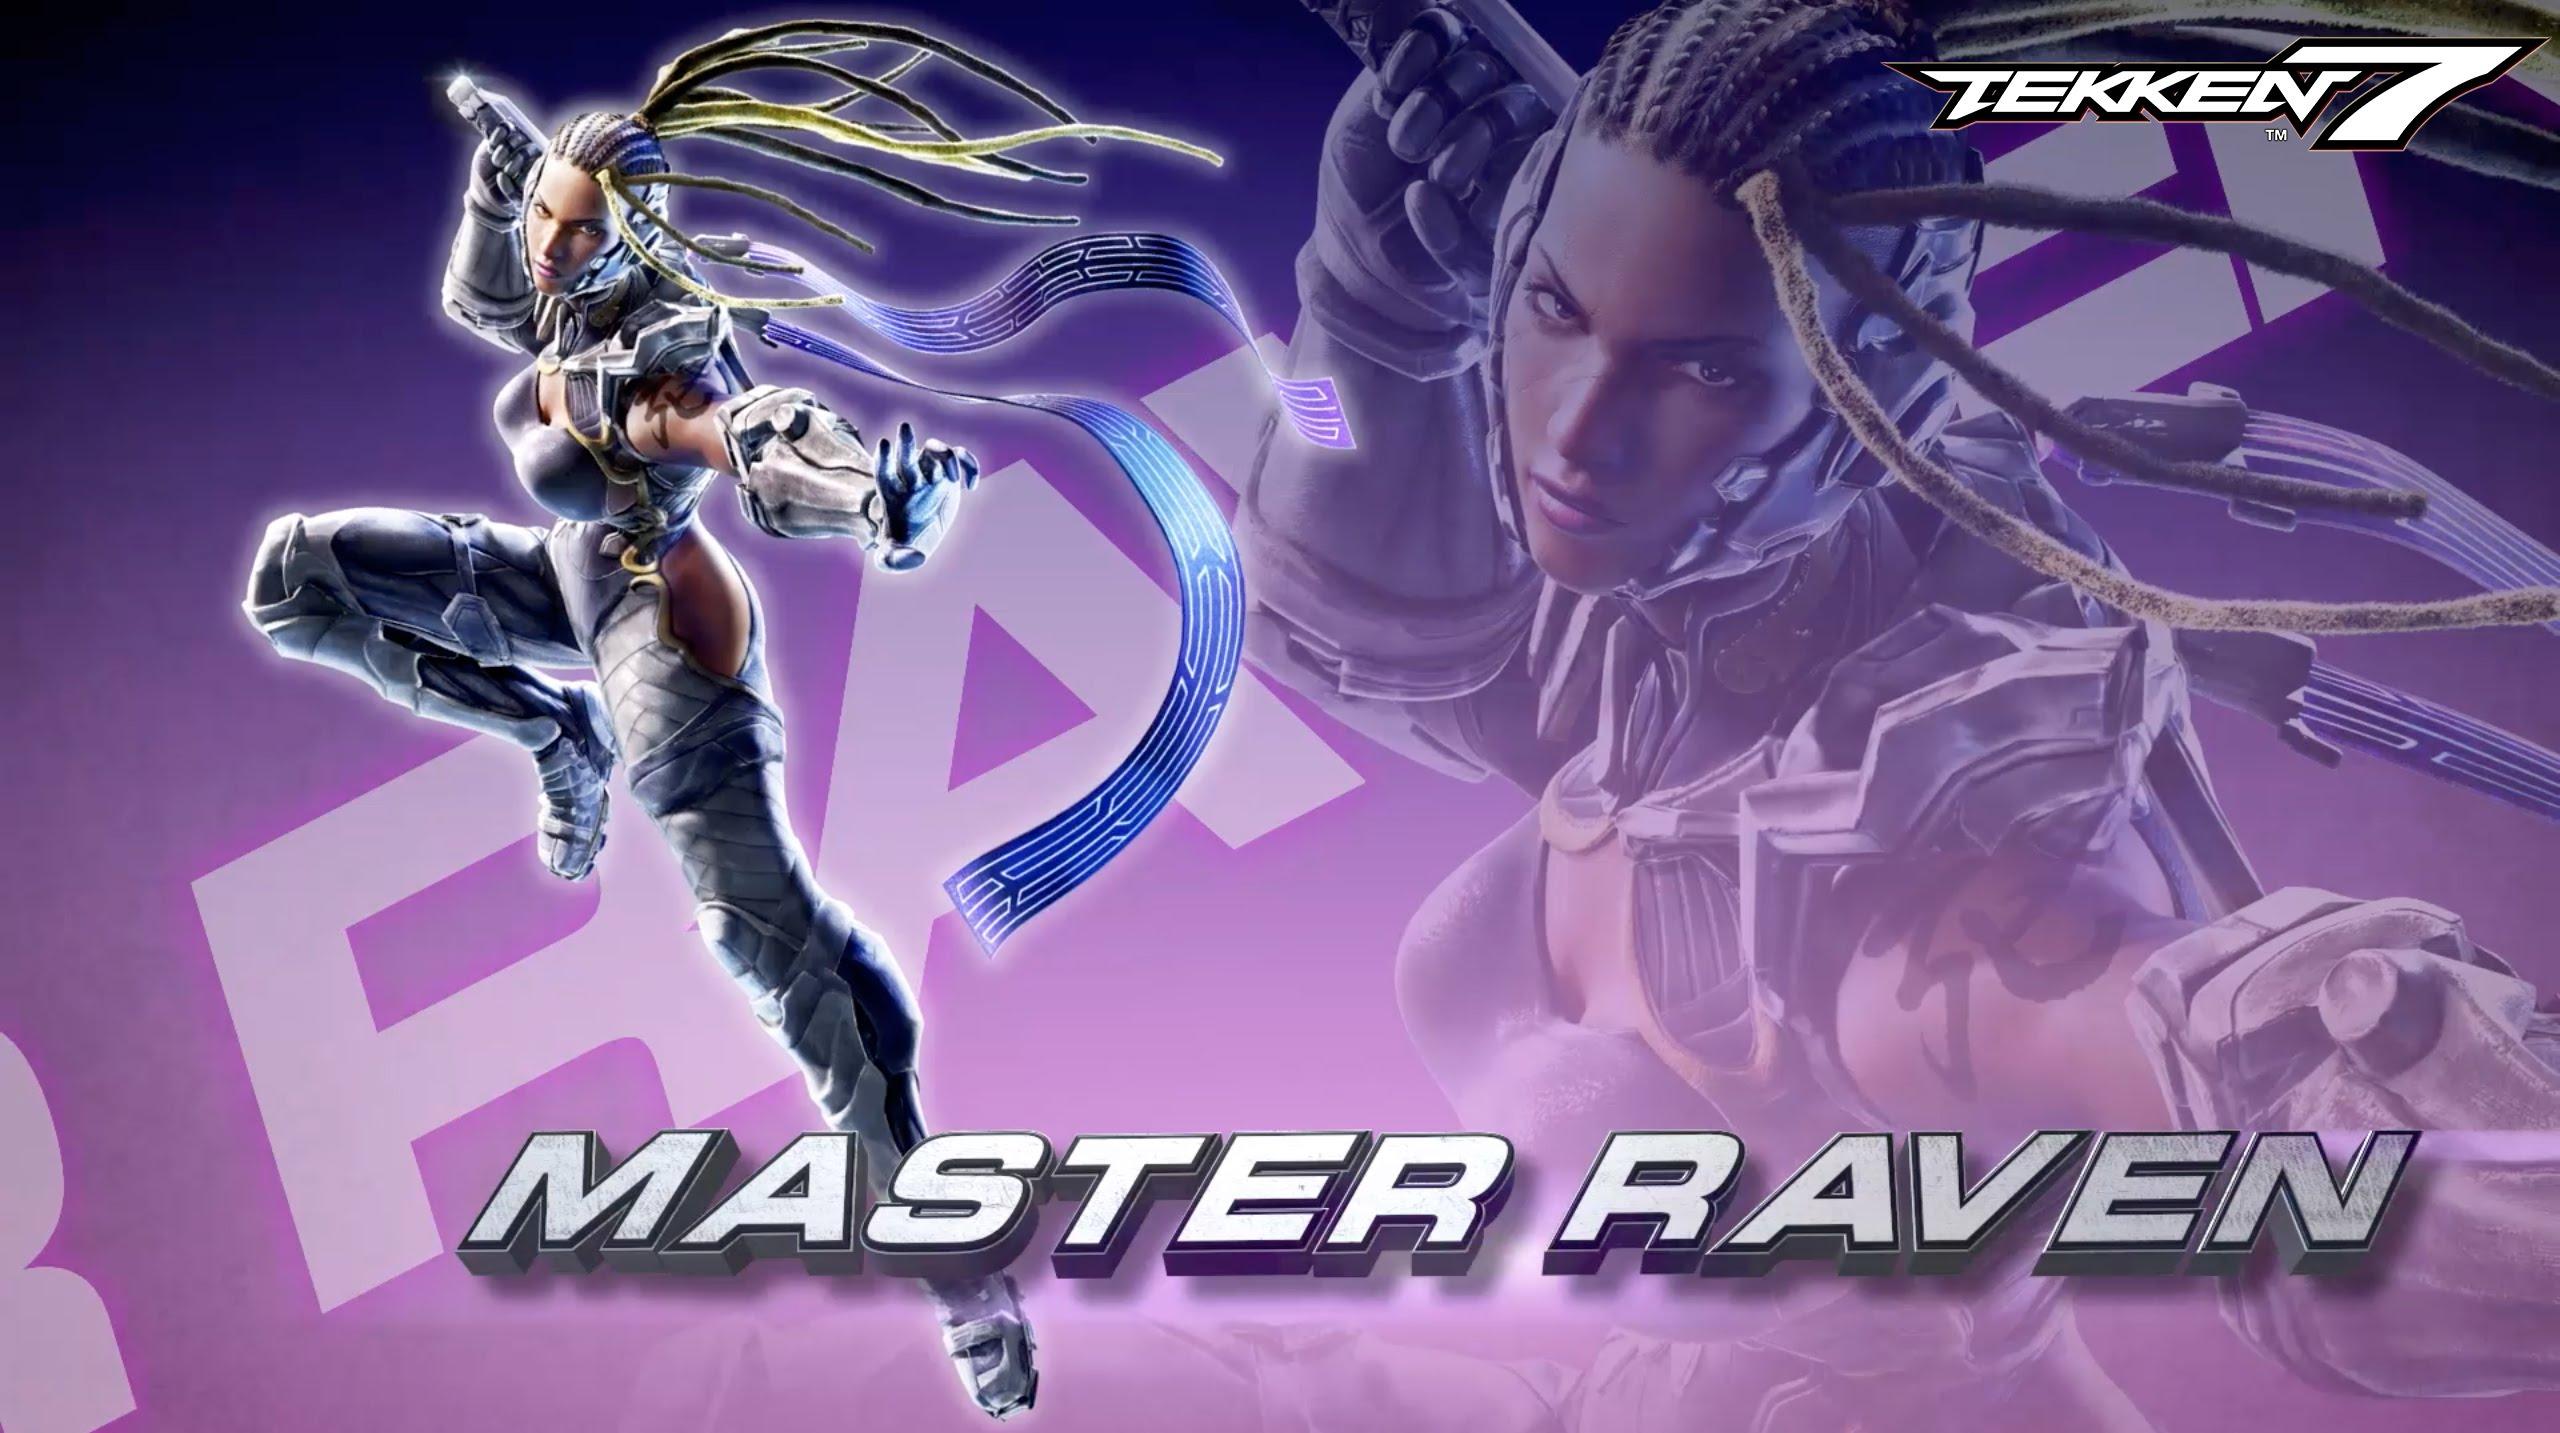 Tekken 7 – Master Raven Reveal Trailer